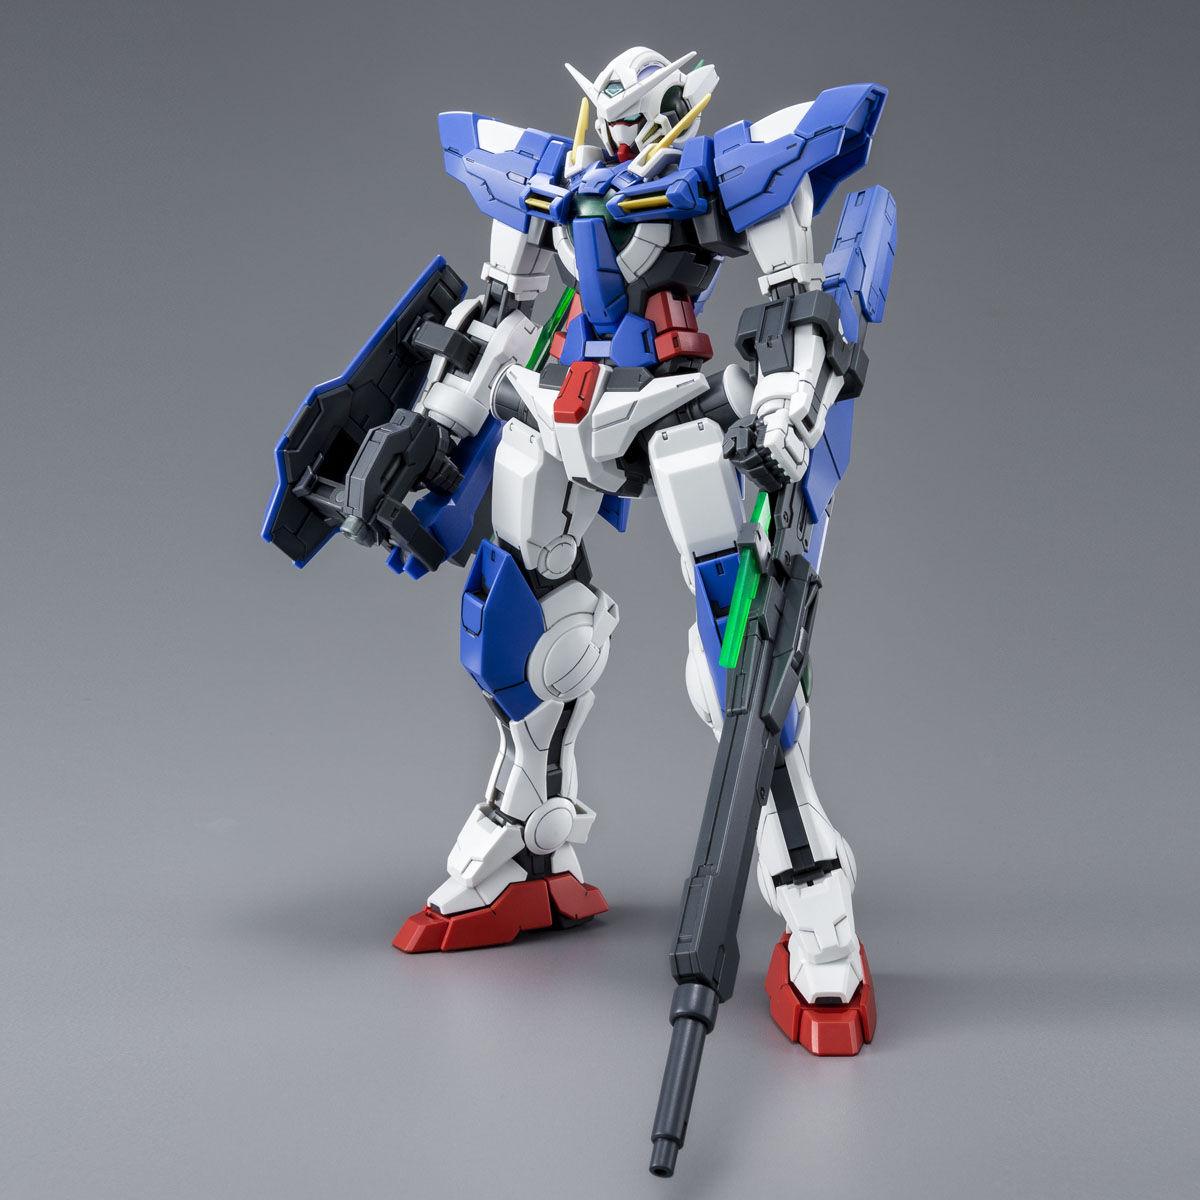 【限定販売】MG 1/100『ガンダムエクシア リペアIII』プラモデル-002